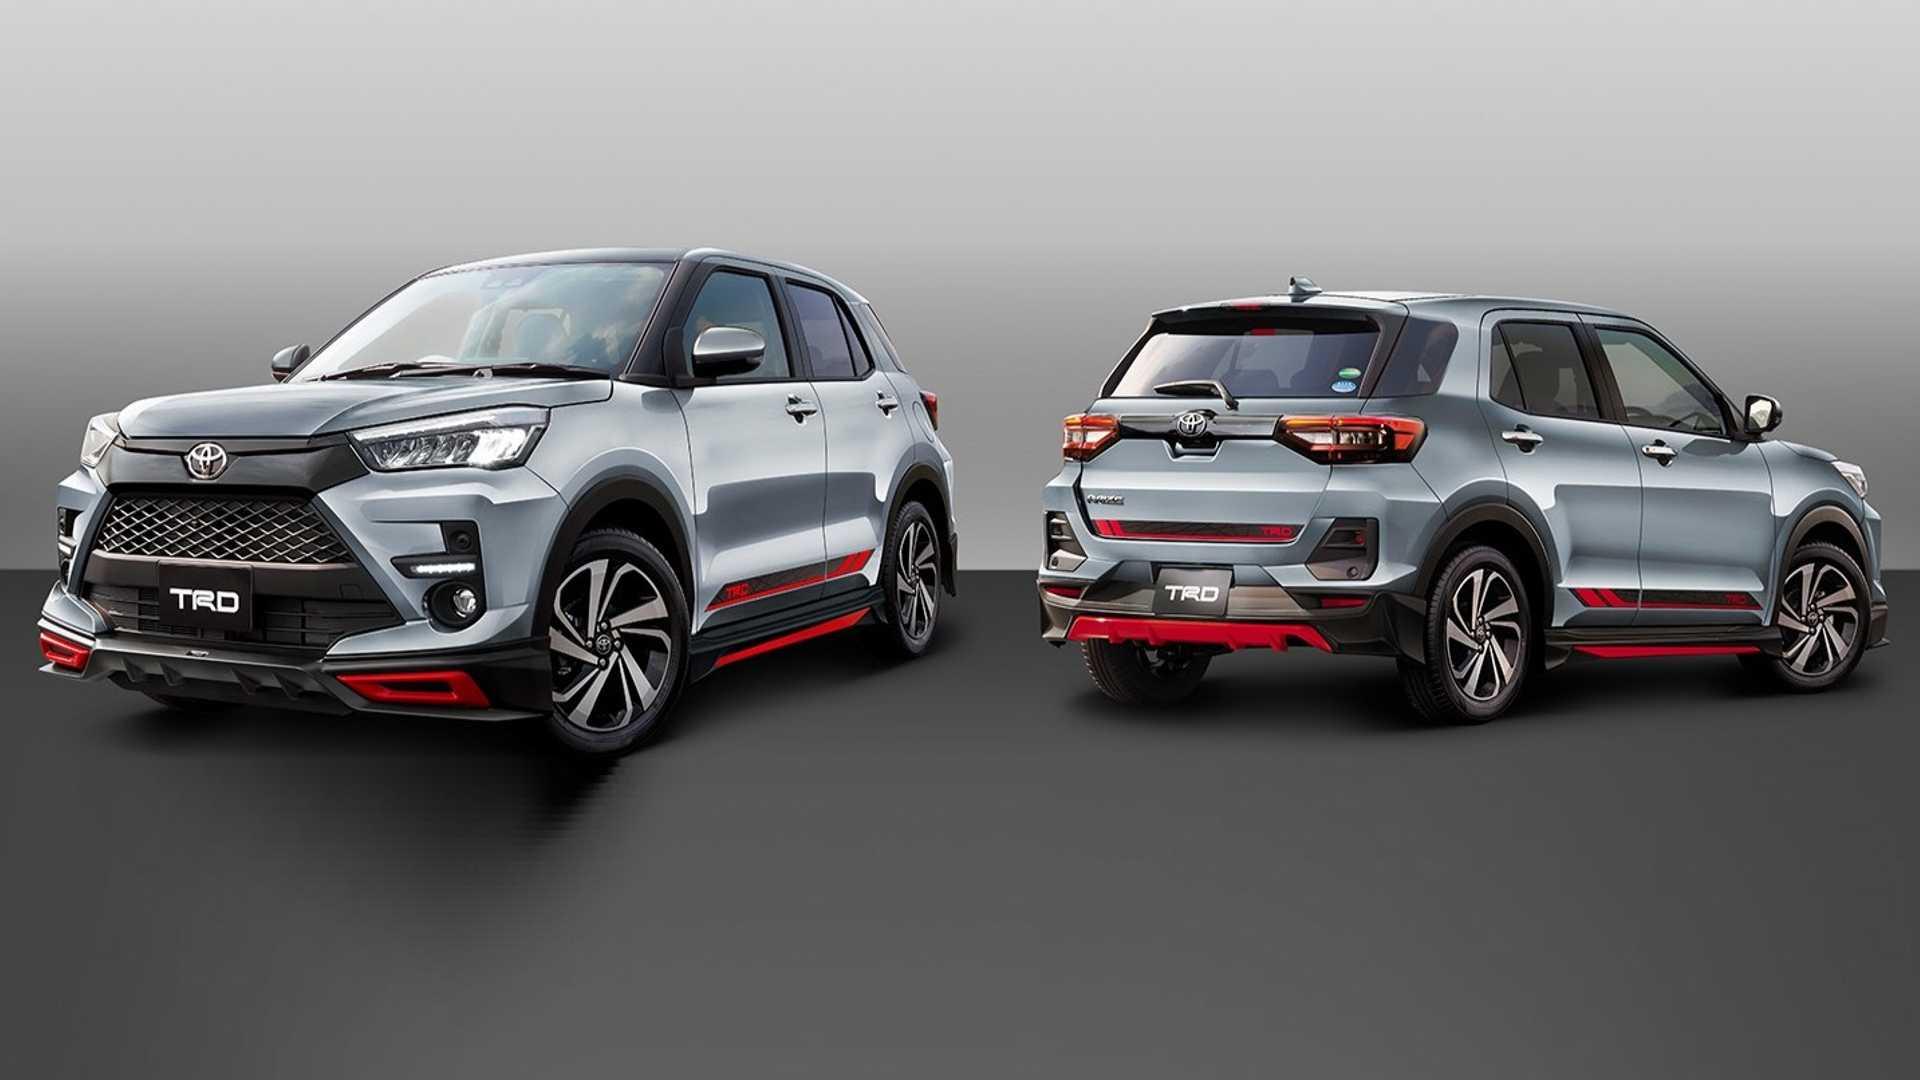 Ещё один близнец Toyota Raize: это Ativa, кроссовер никто не видел, но заказы уже принимают